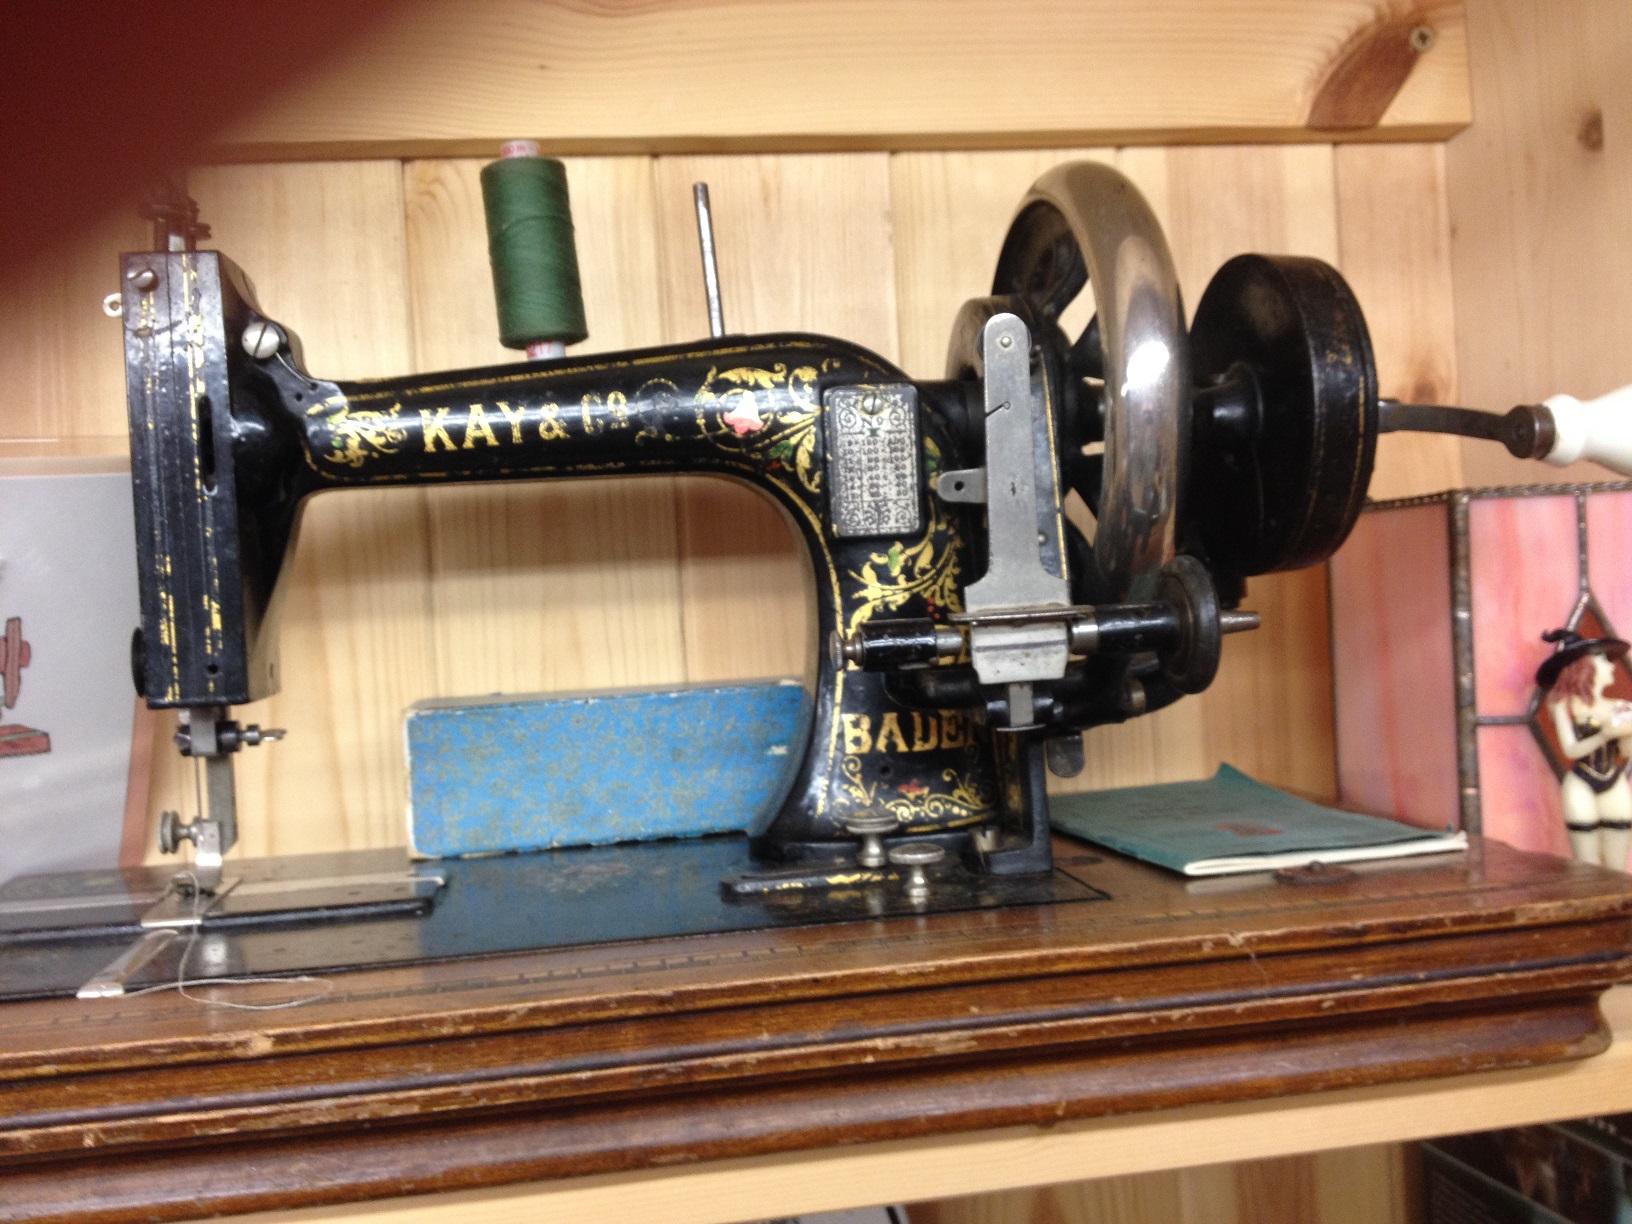 sewing machines 003.JPG